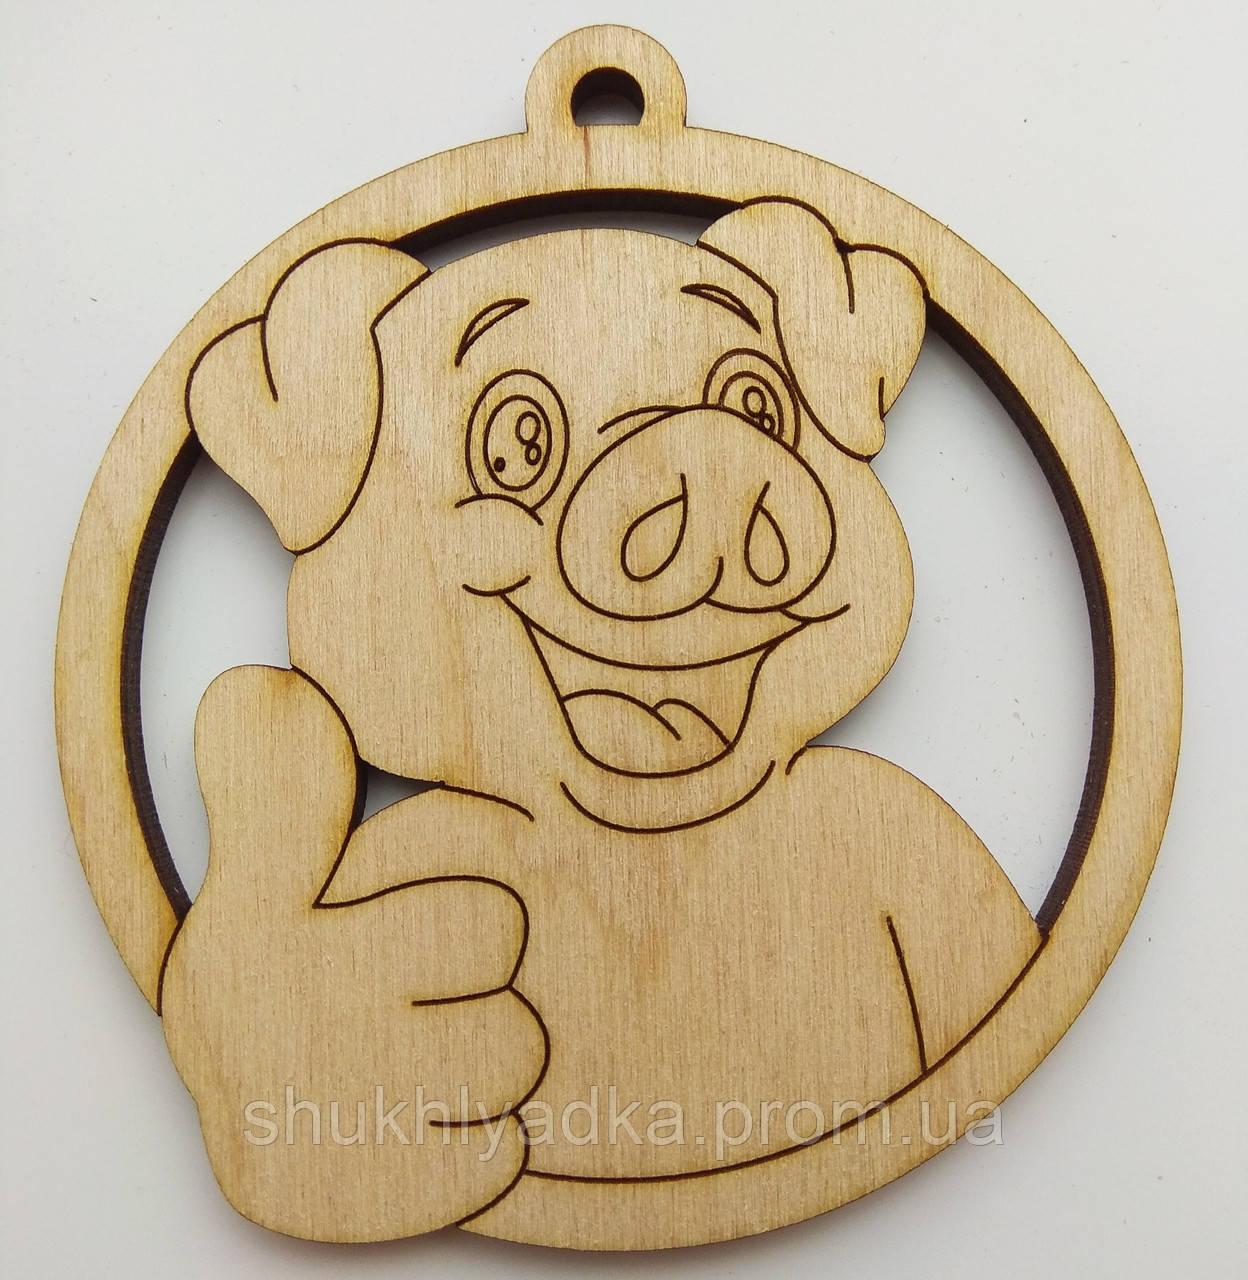 Новогодняя деревянная елочная игрушка Свинка класс_круг_деревянная заготовка_Новый год